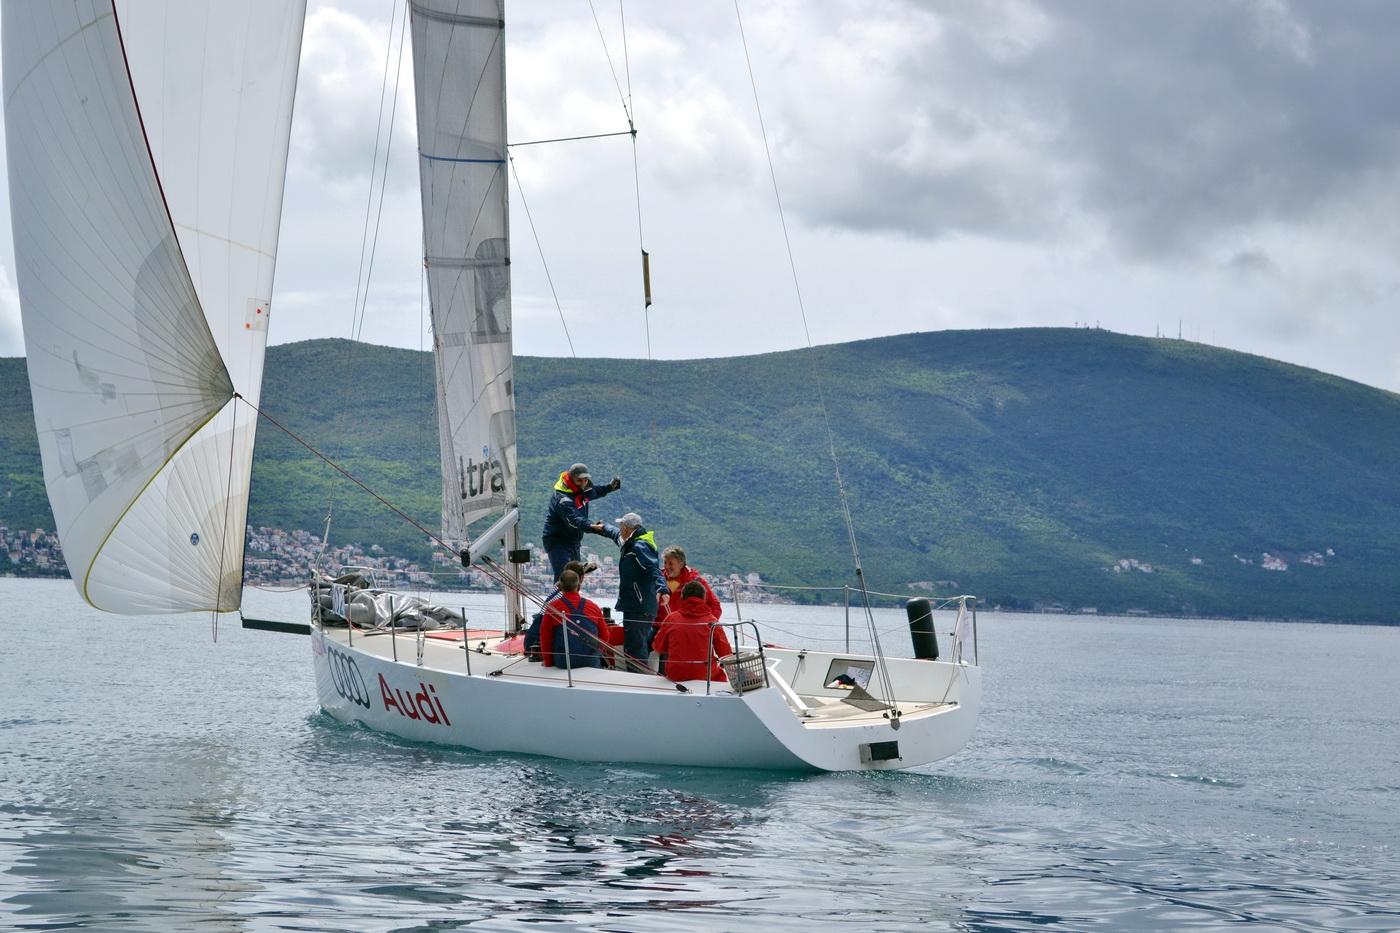 Tivatska regata